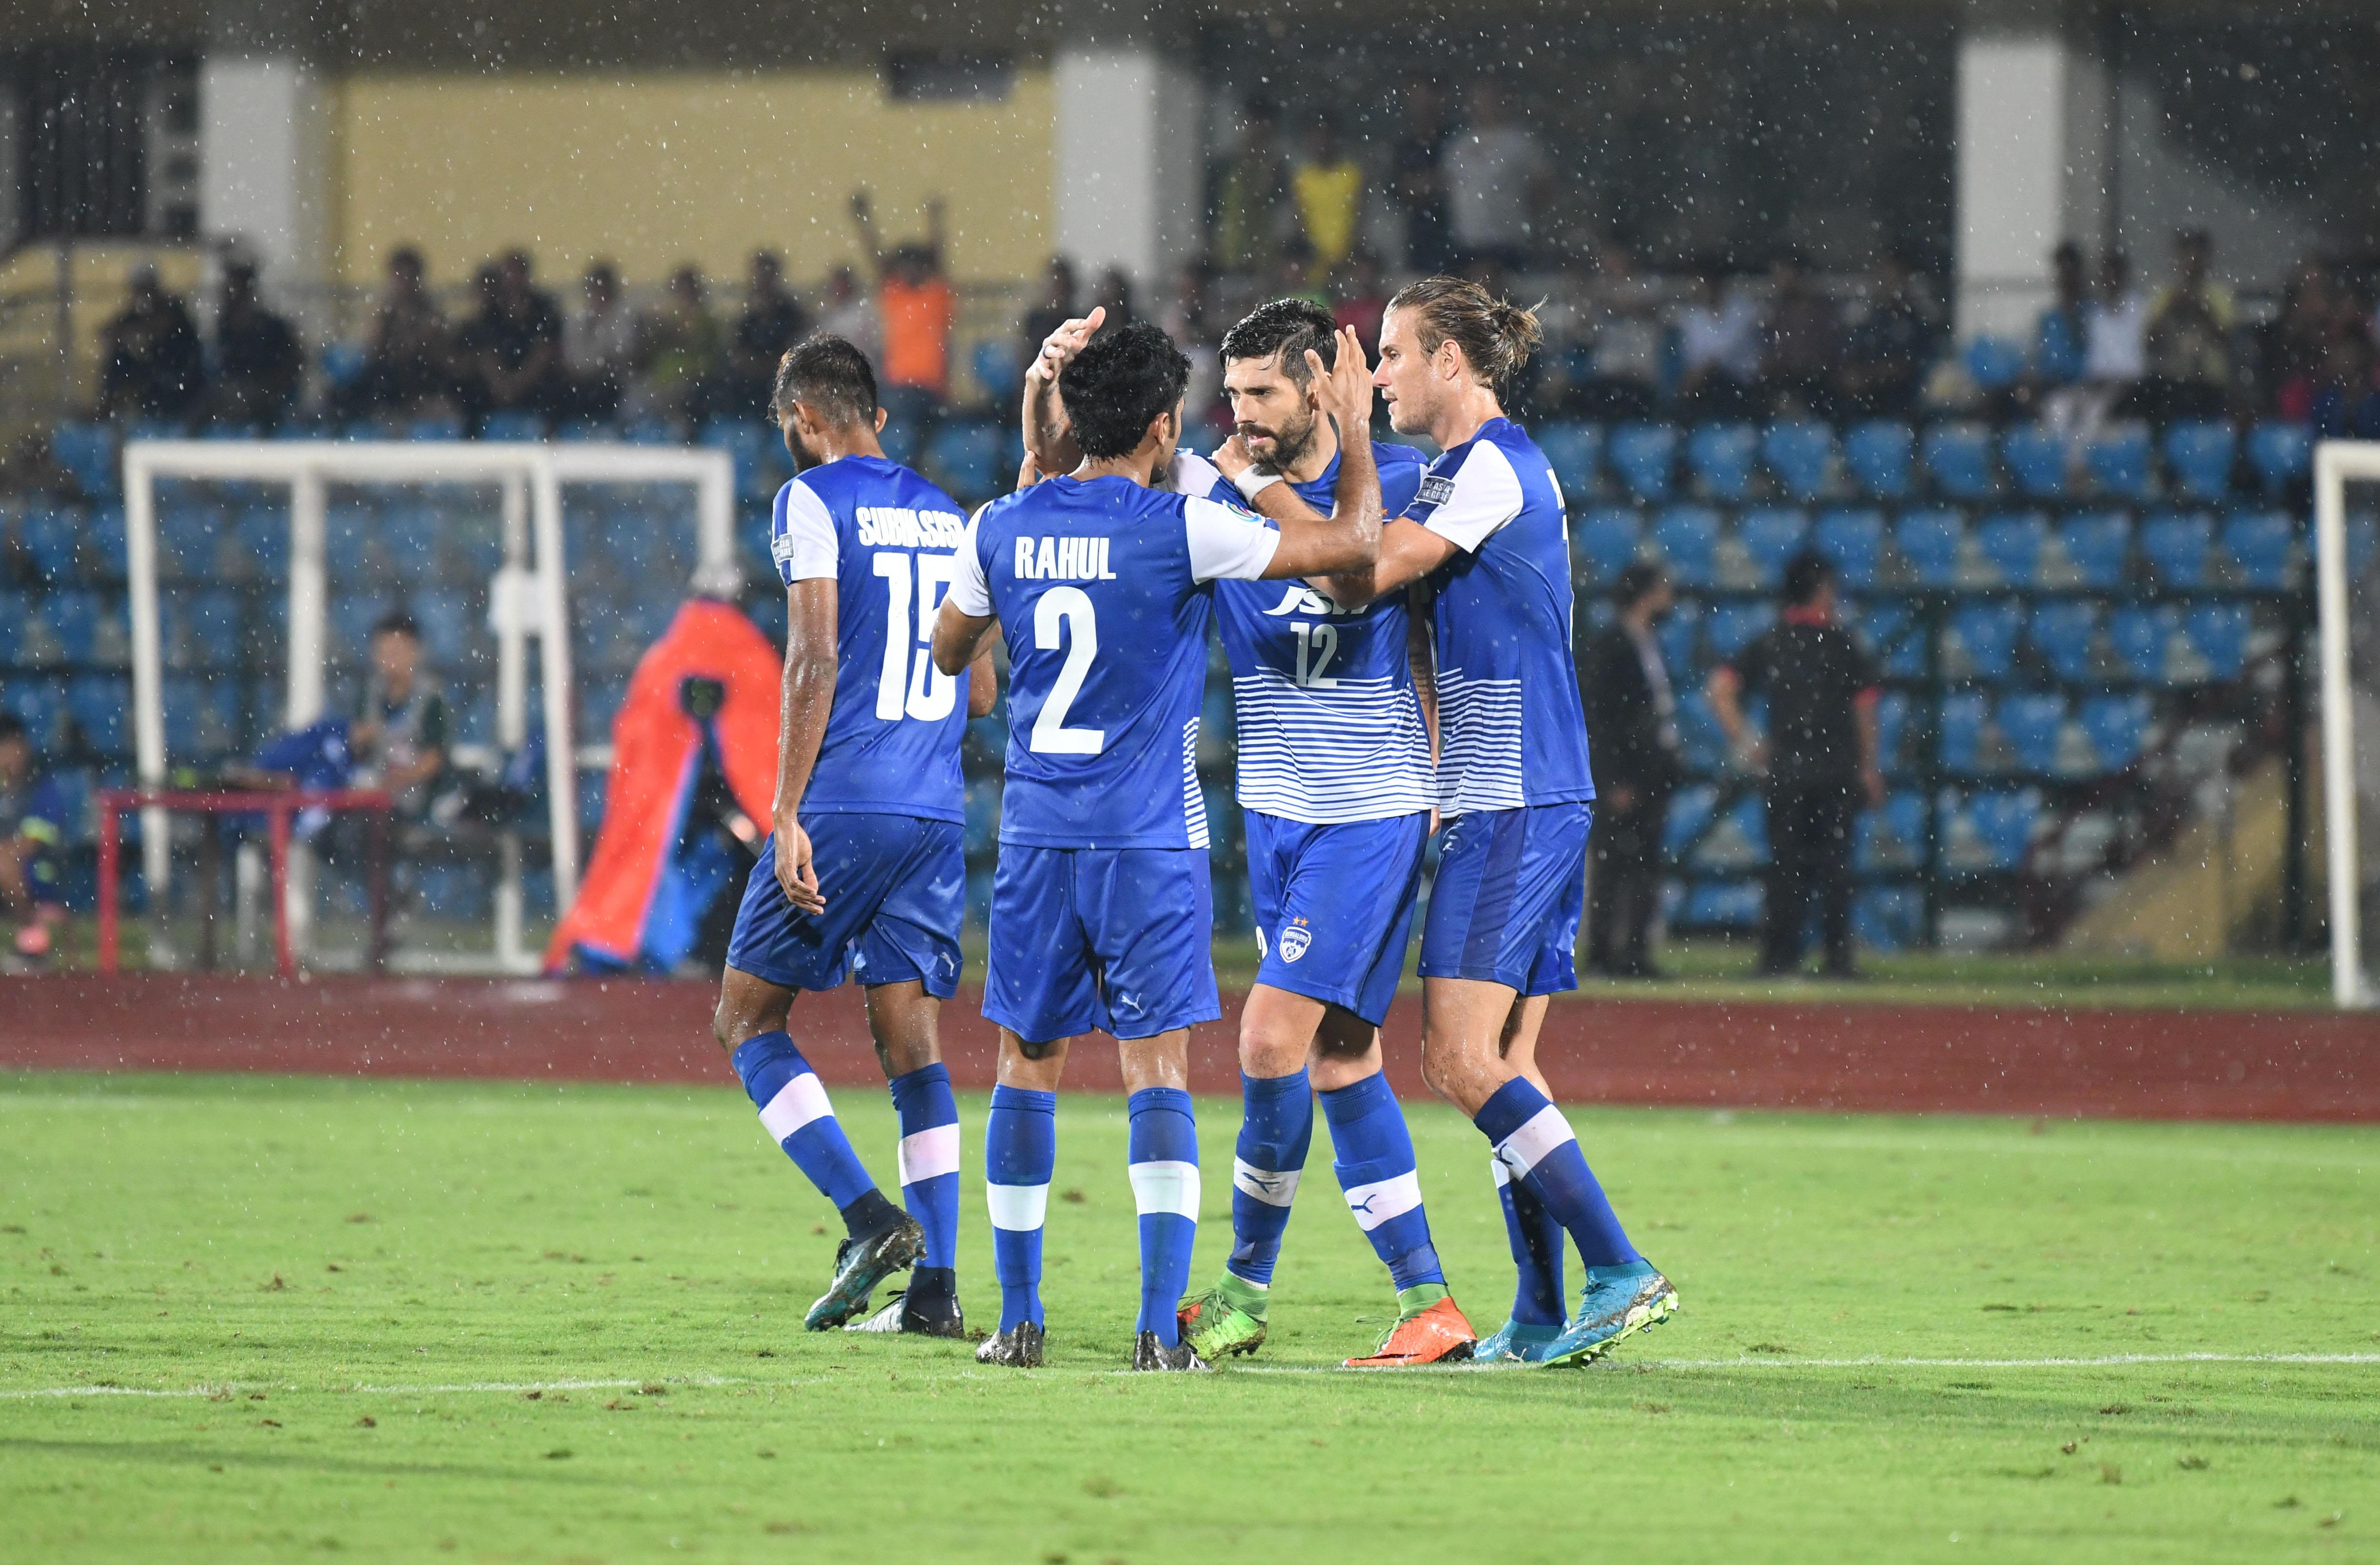 Aizawl vs Bengaluru AFC CUP